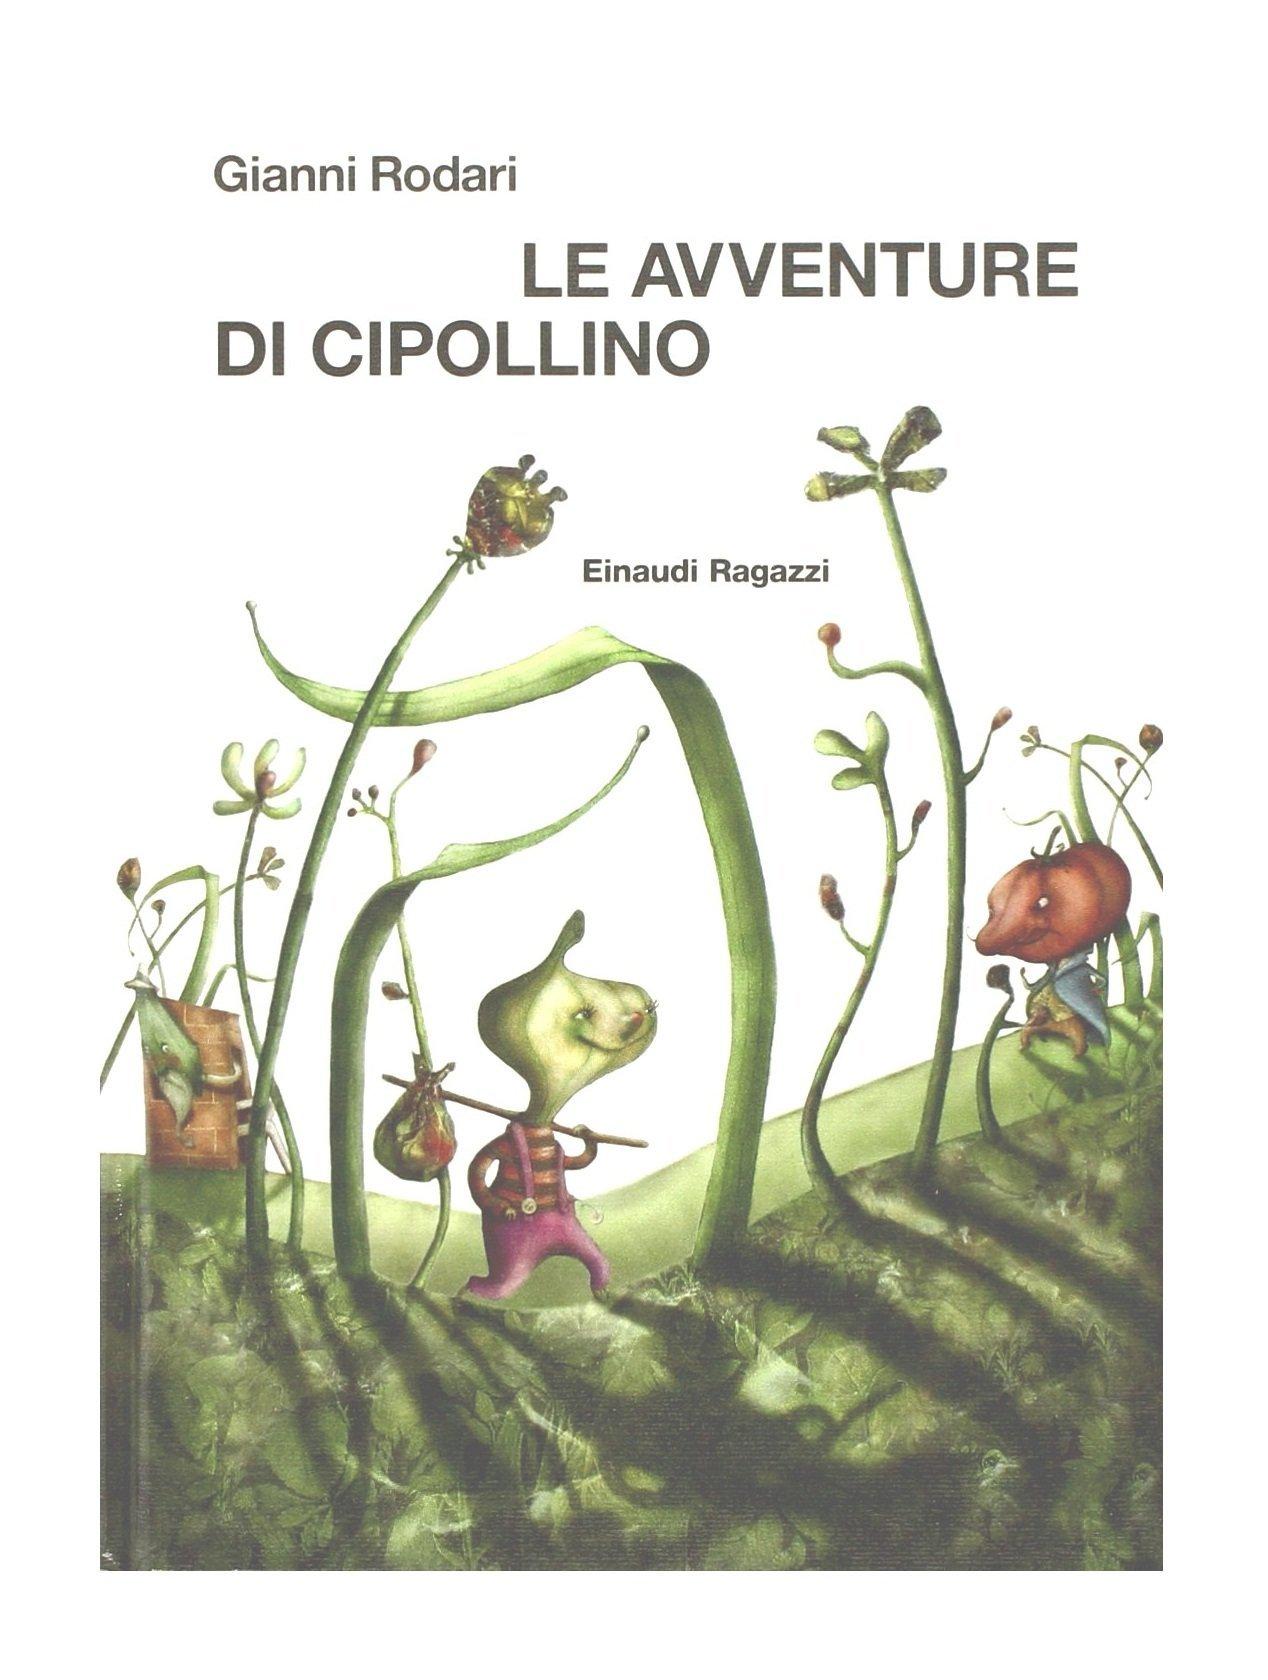 Download Le avventure di Cipollino (Gianni Rodari) [Loose Leaf Edition in Italian] PDF